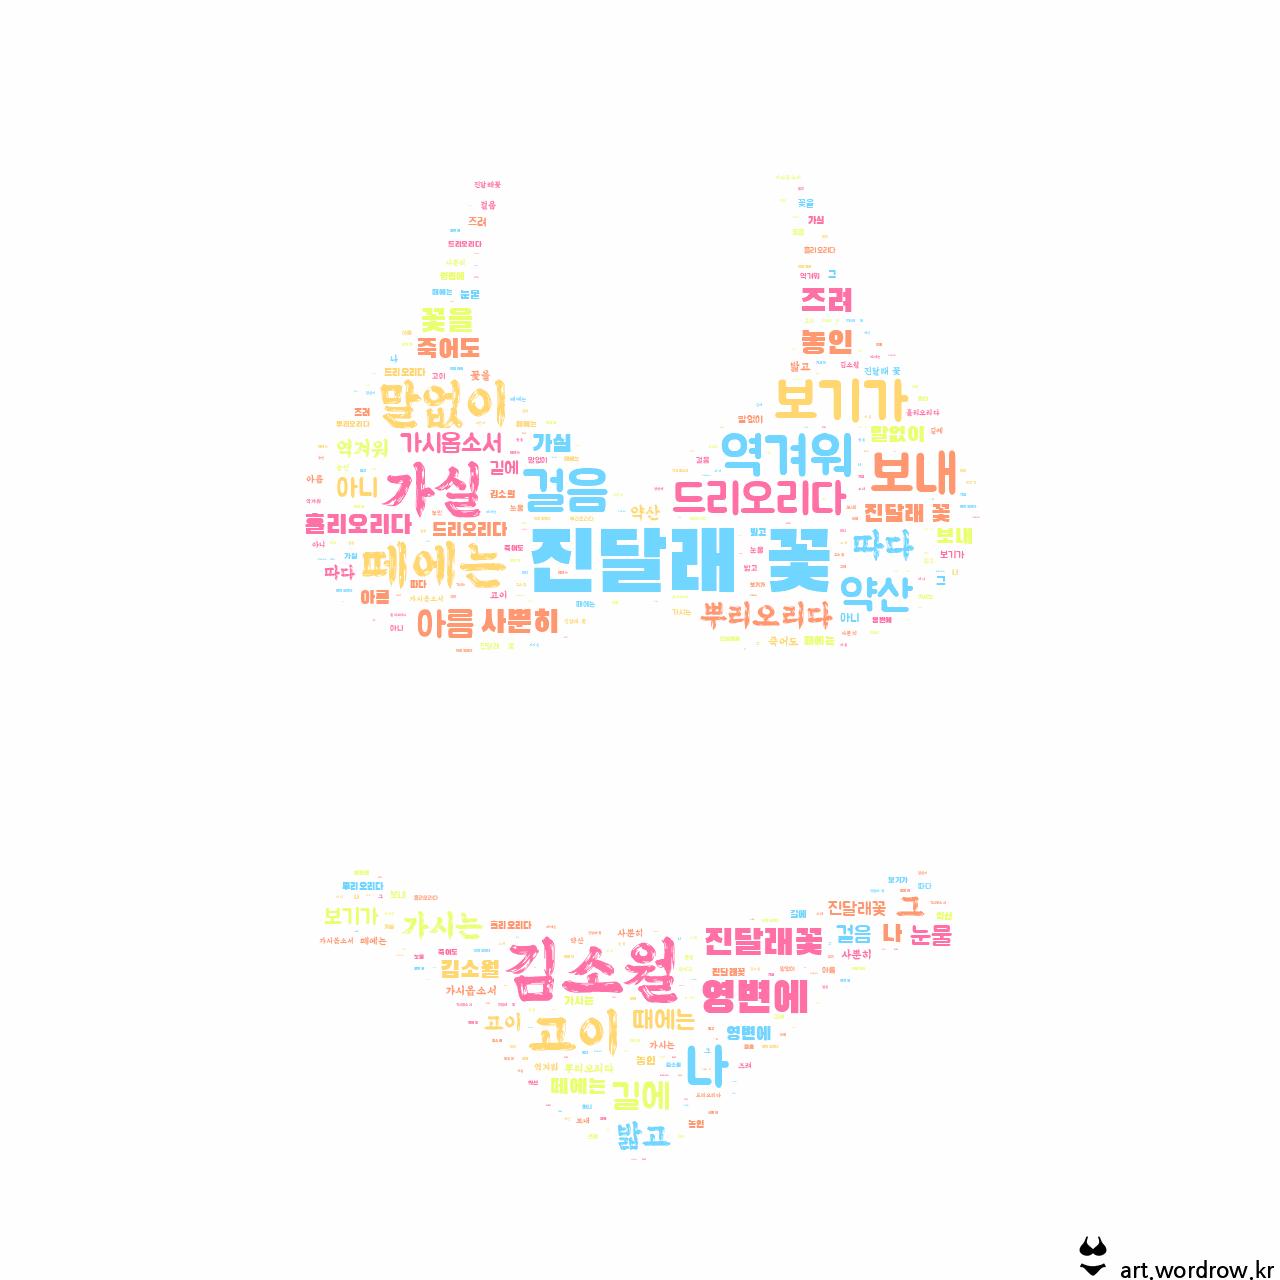 워드 클라우드: 진달래 꽃 [김소월]-9